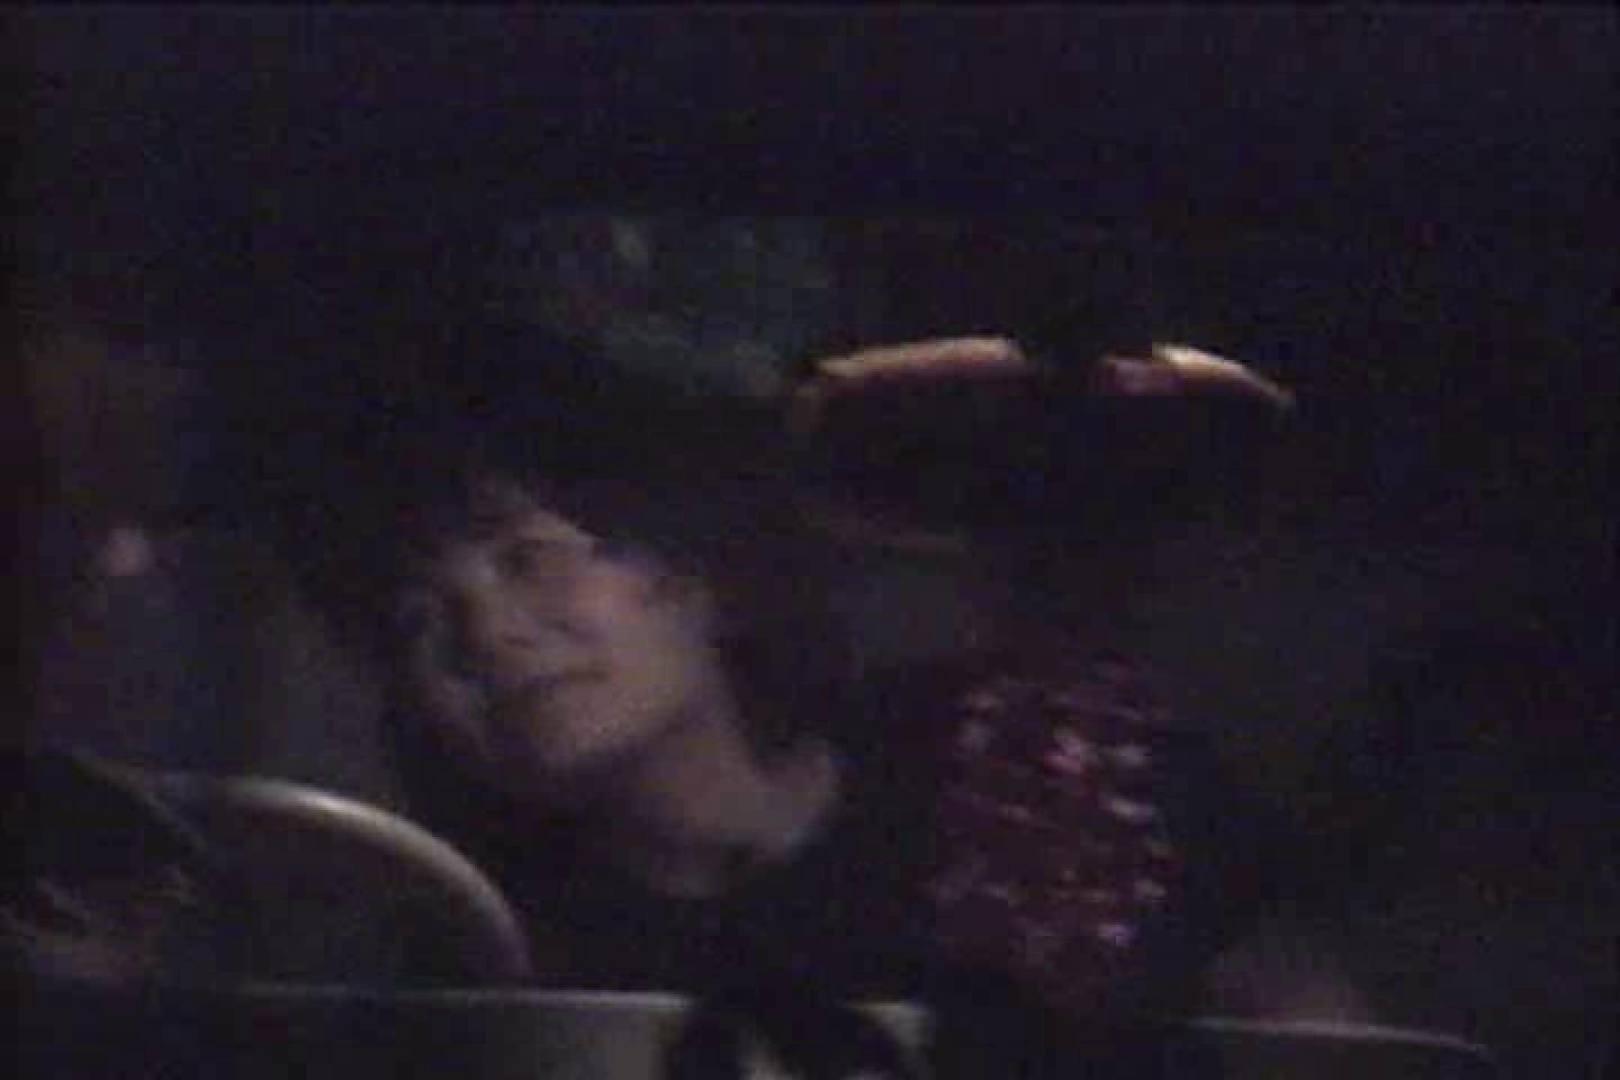 車の中はラブホテル 無修正版  Vol.17 ホテルでエッチ 盗撮戯れ無修正画像 22pic 21